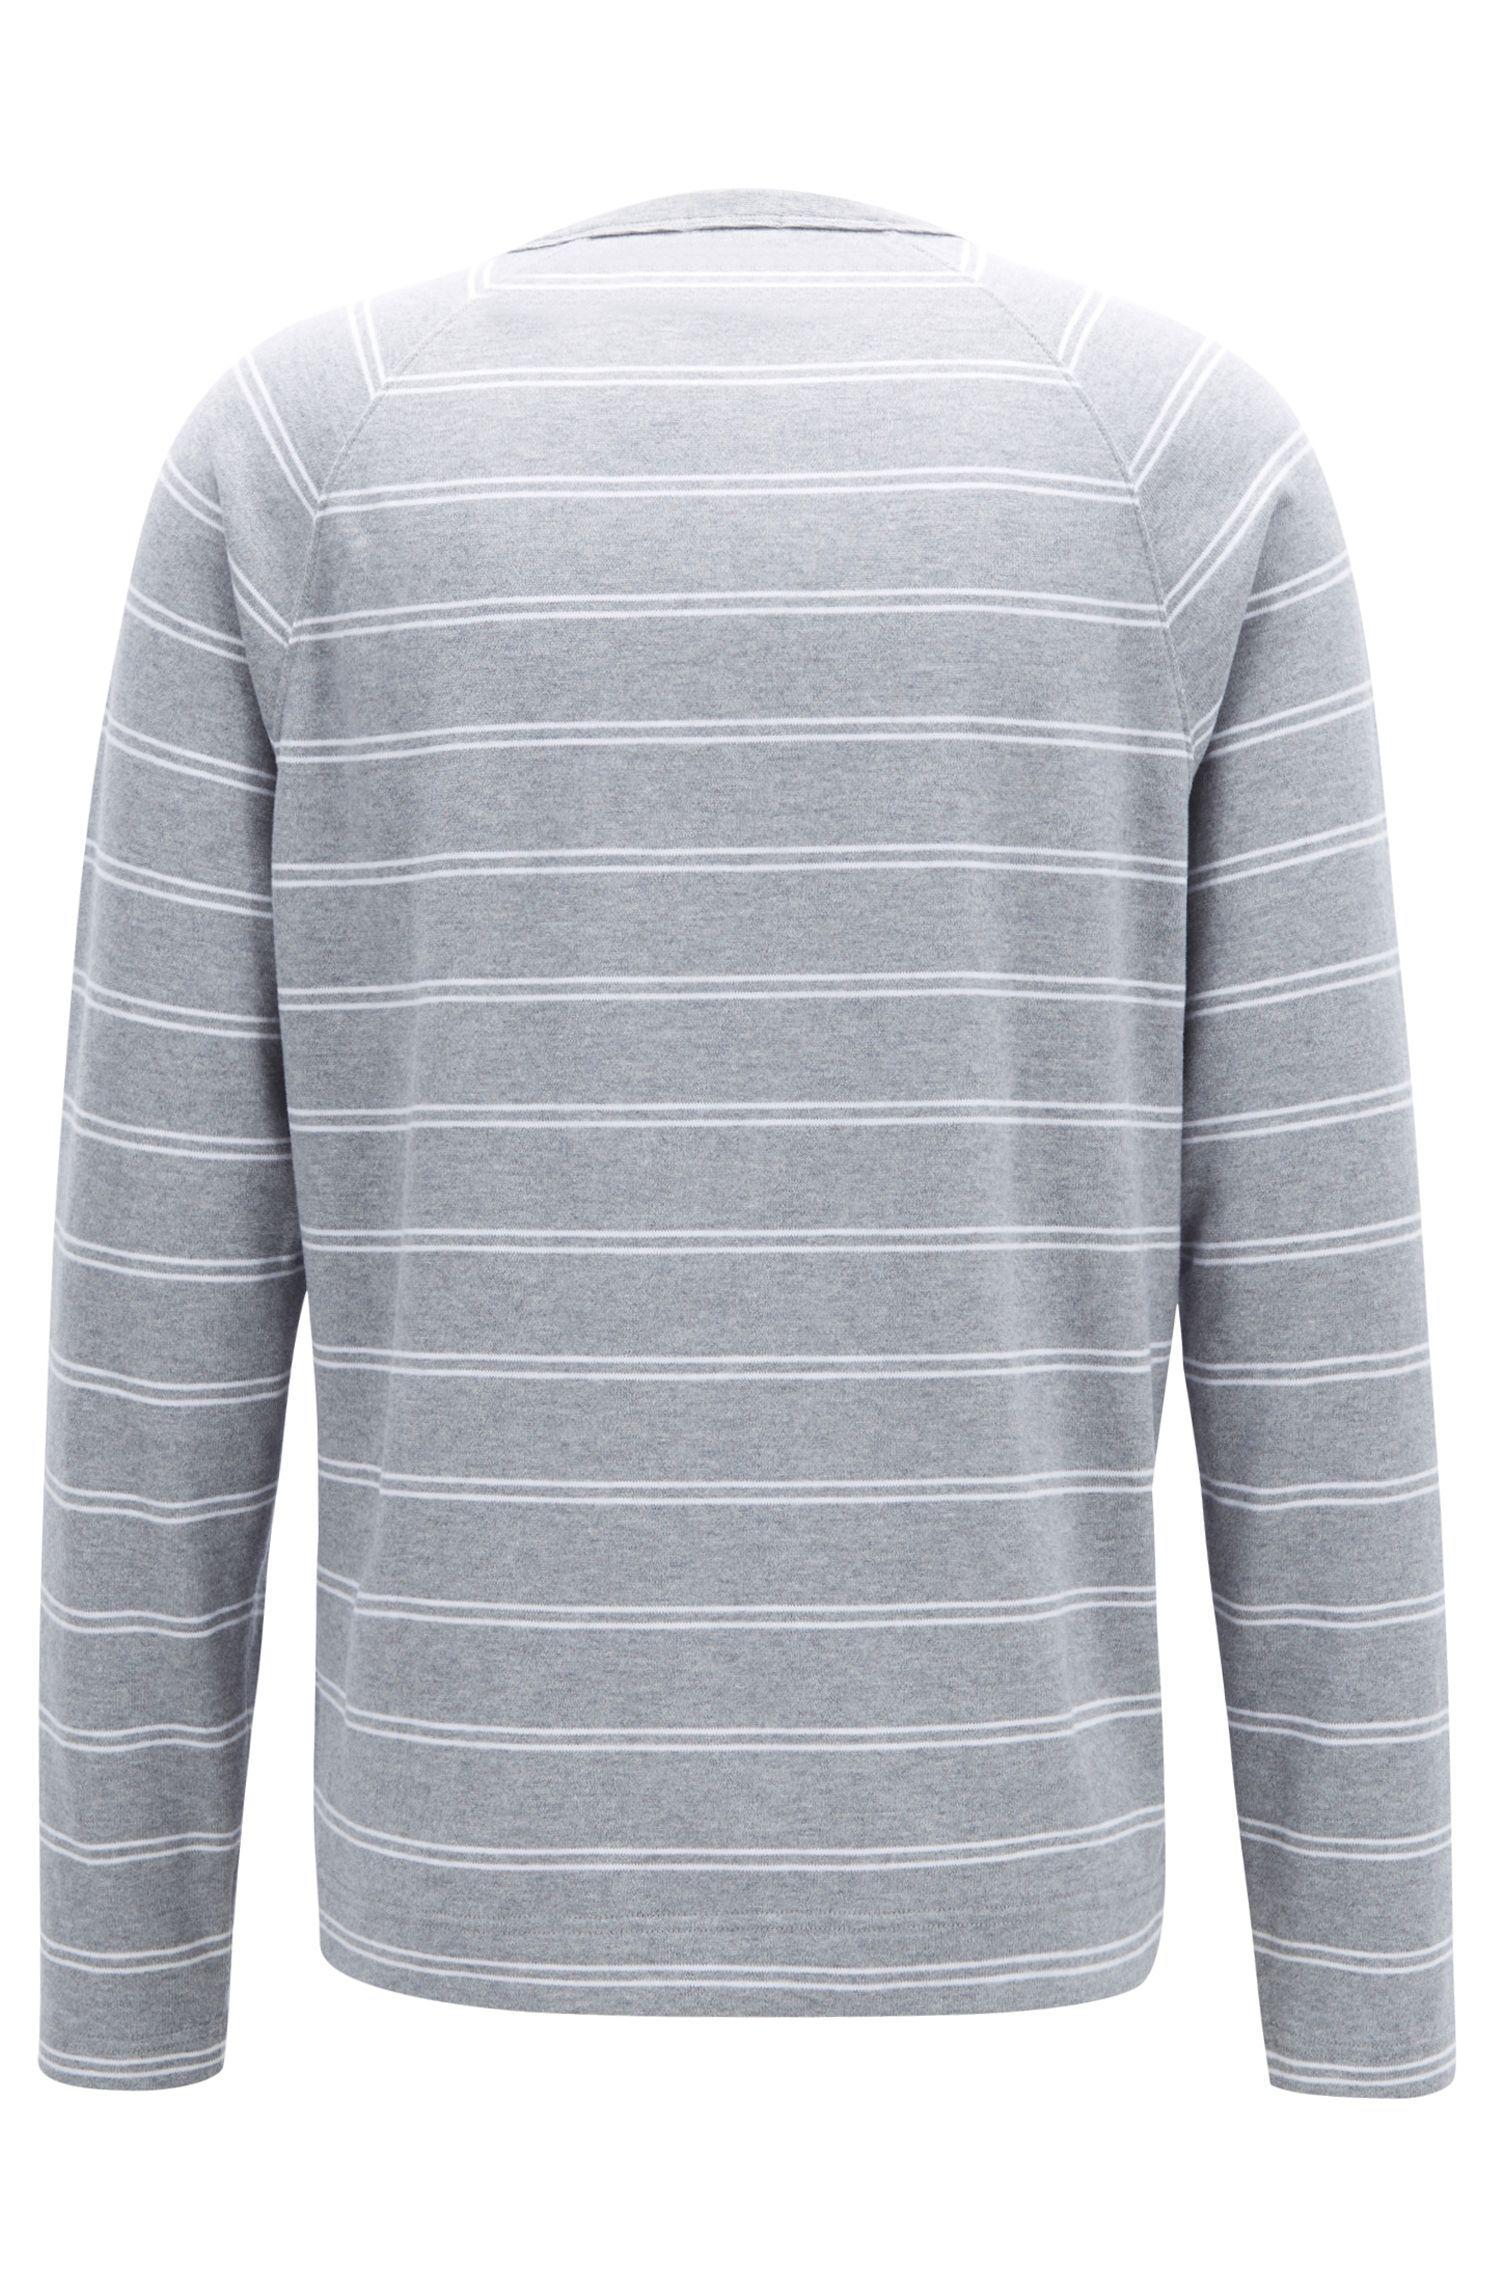 4c00e372e BOSS - Metallic Striped Long-sleeved T-shirt In Brushed Single-jersey  Cotton. View fullscreen